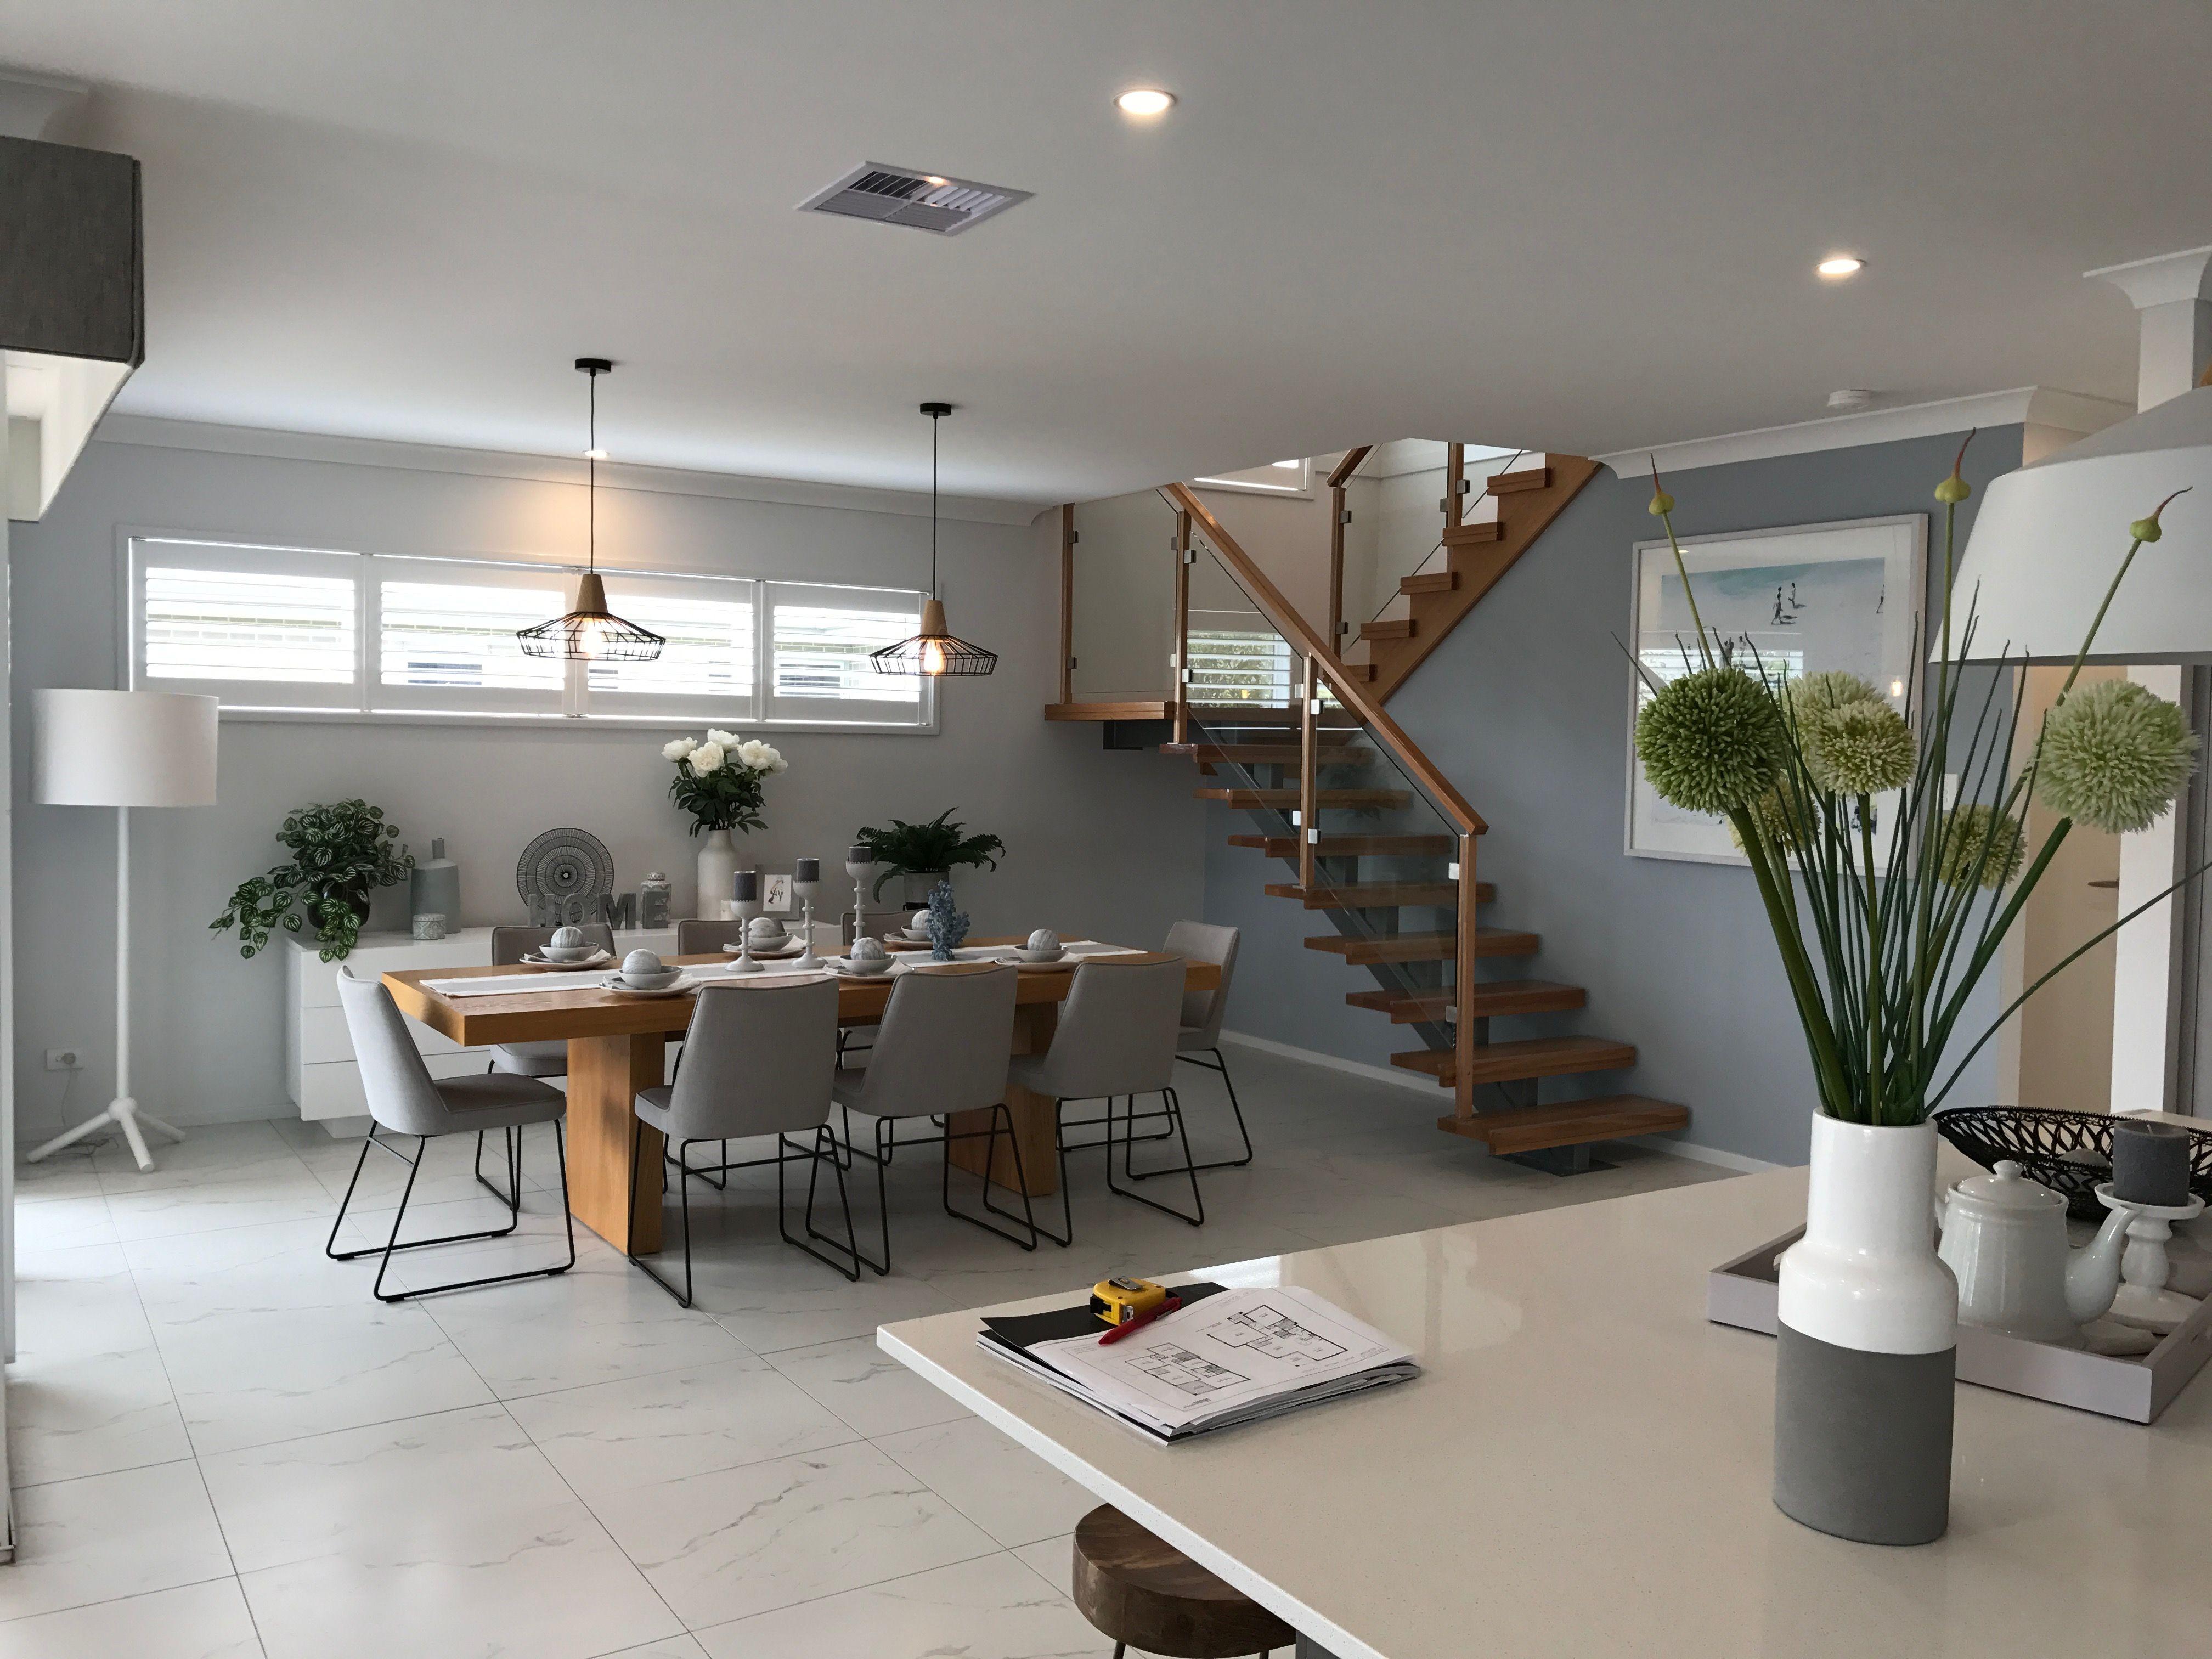 Interior Decorating, Interior Styling, Decorating, Interior Design, Home  Improvement